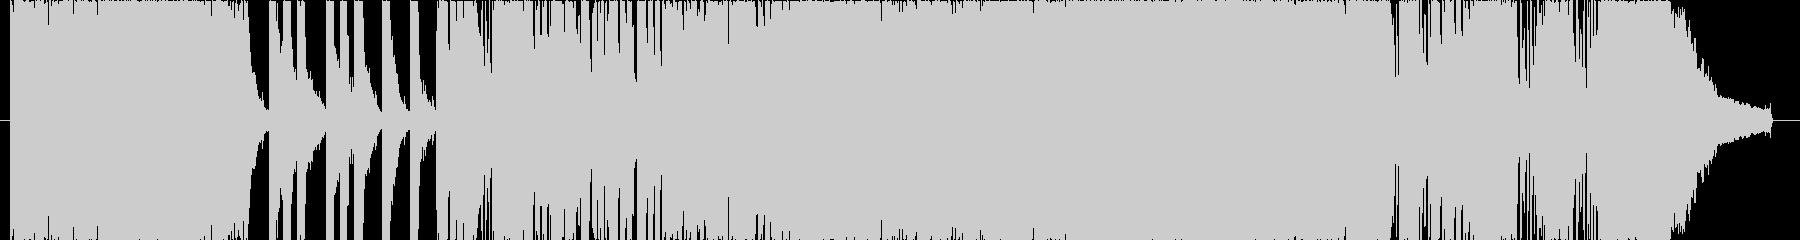 スピード感のあるエネルギッシュなロック!の未再生の波形